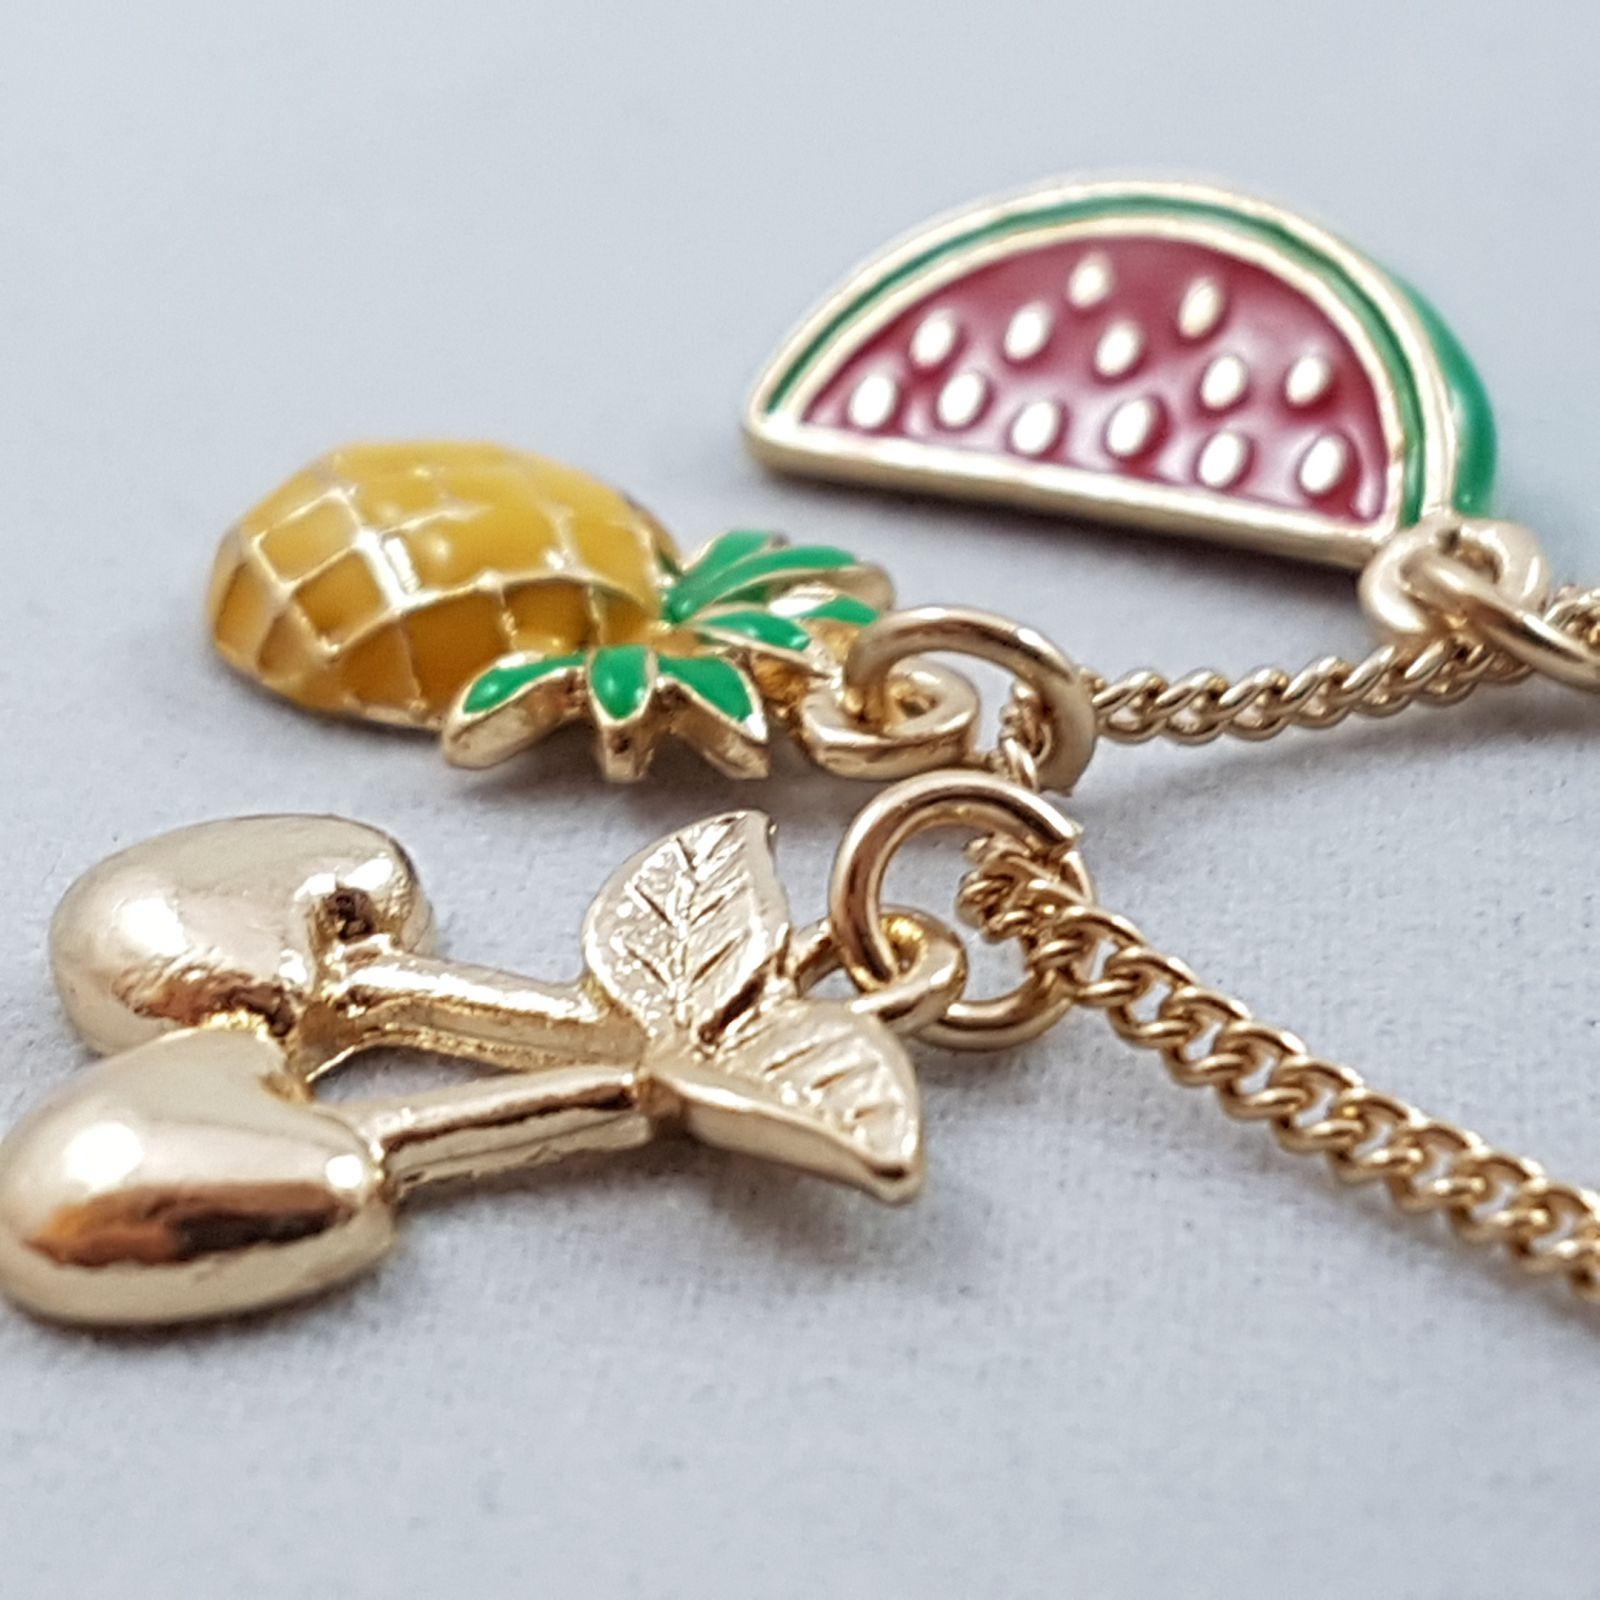 Náhrdelník Ananas, meloun a višně na zlatém řetízku